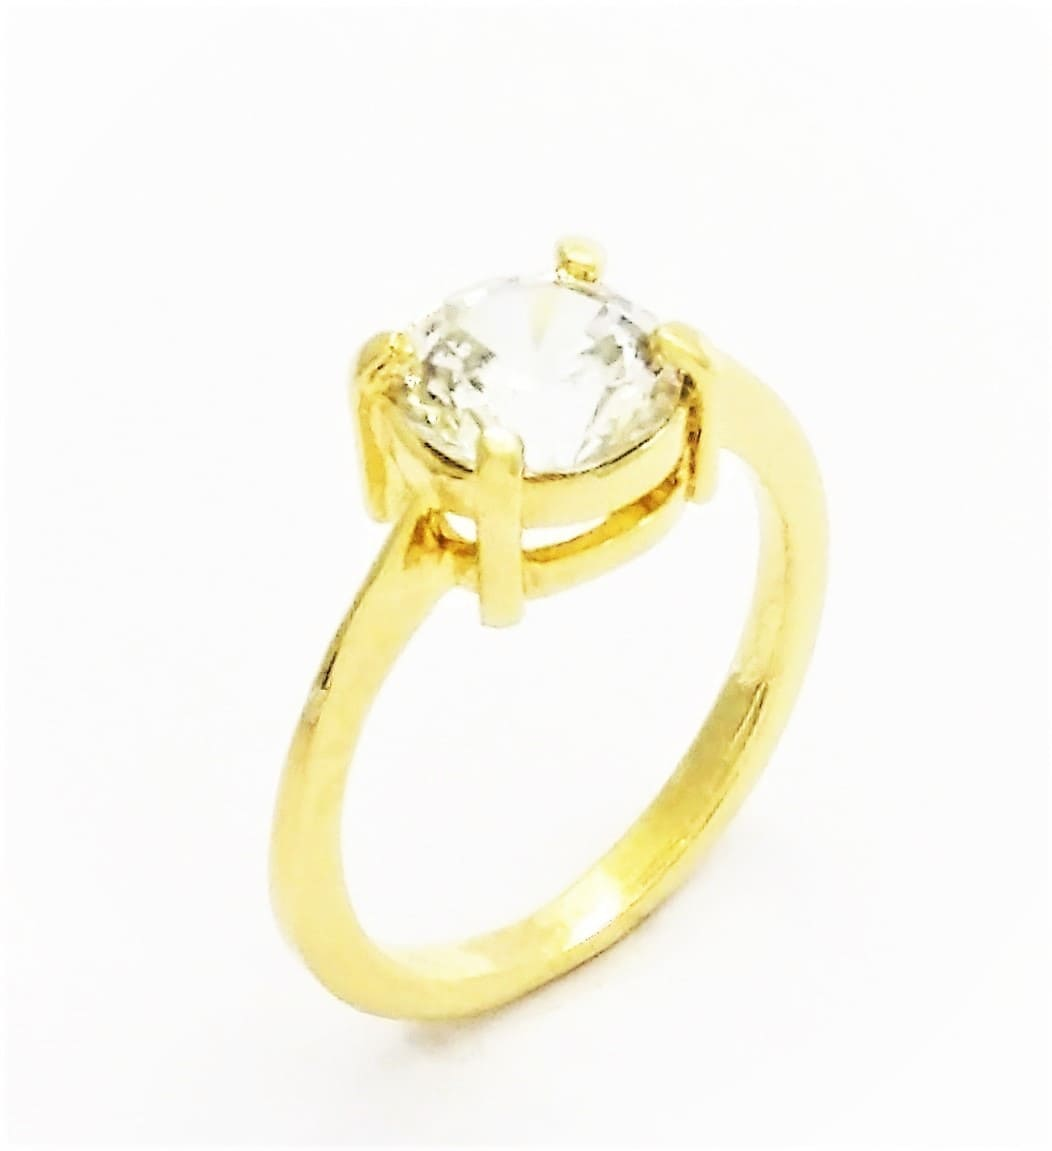 Anel Solitário Zirconia Cristal Banho Ouro 18k 2306